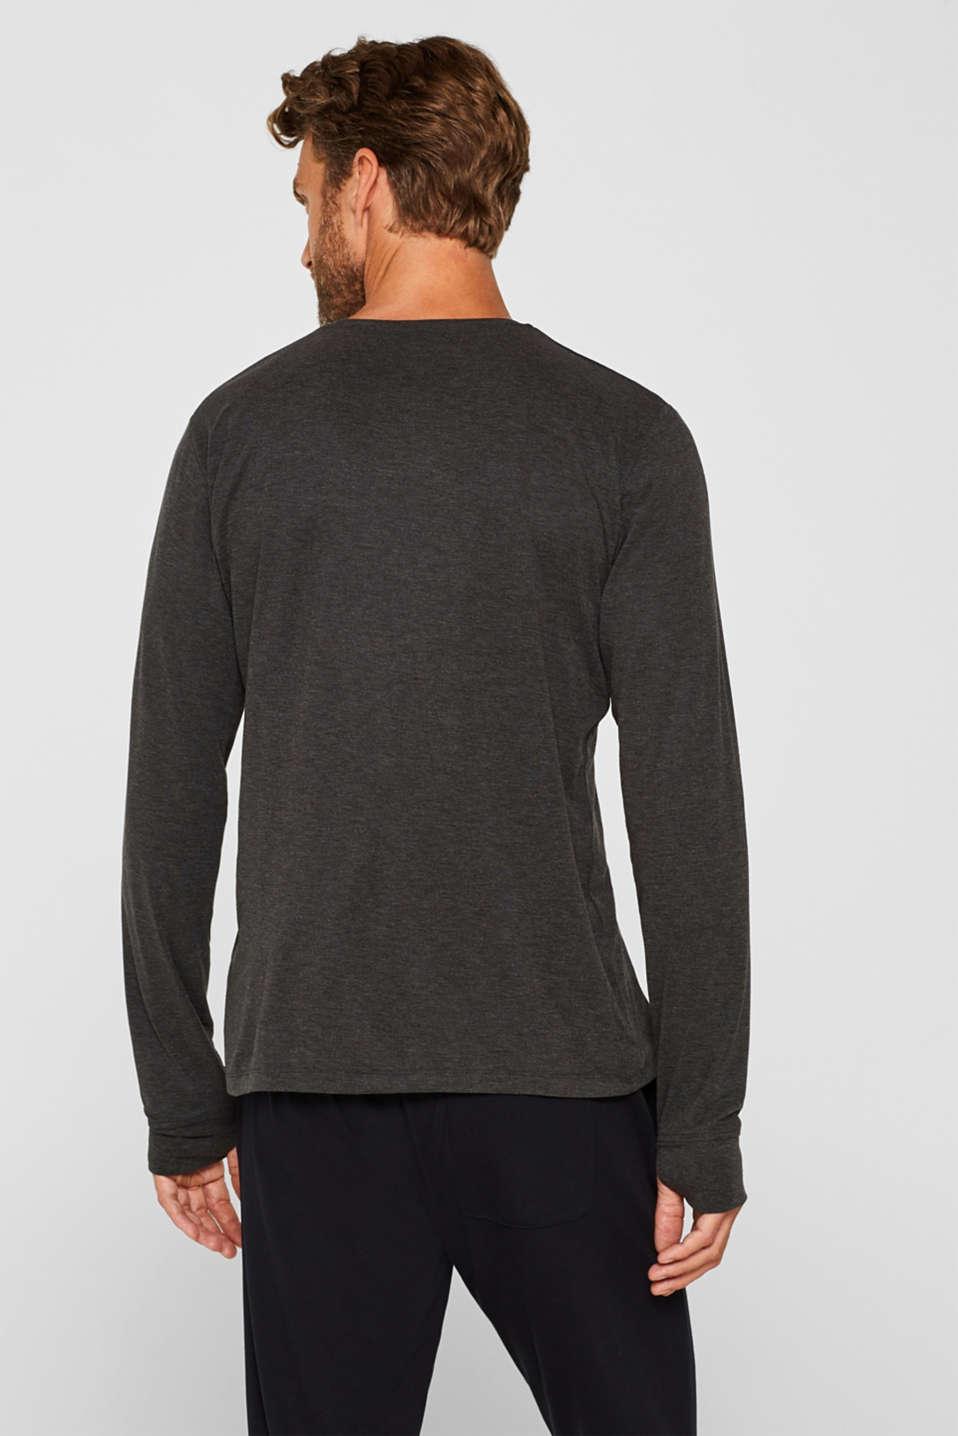 Warming jersey top, DARK GREY, detail image number 3